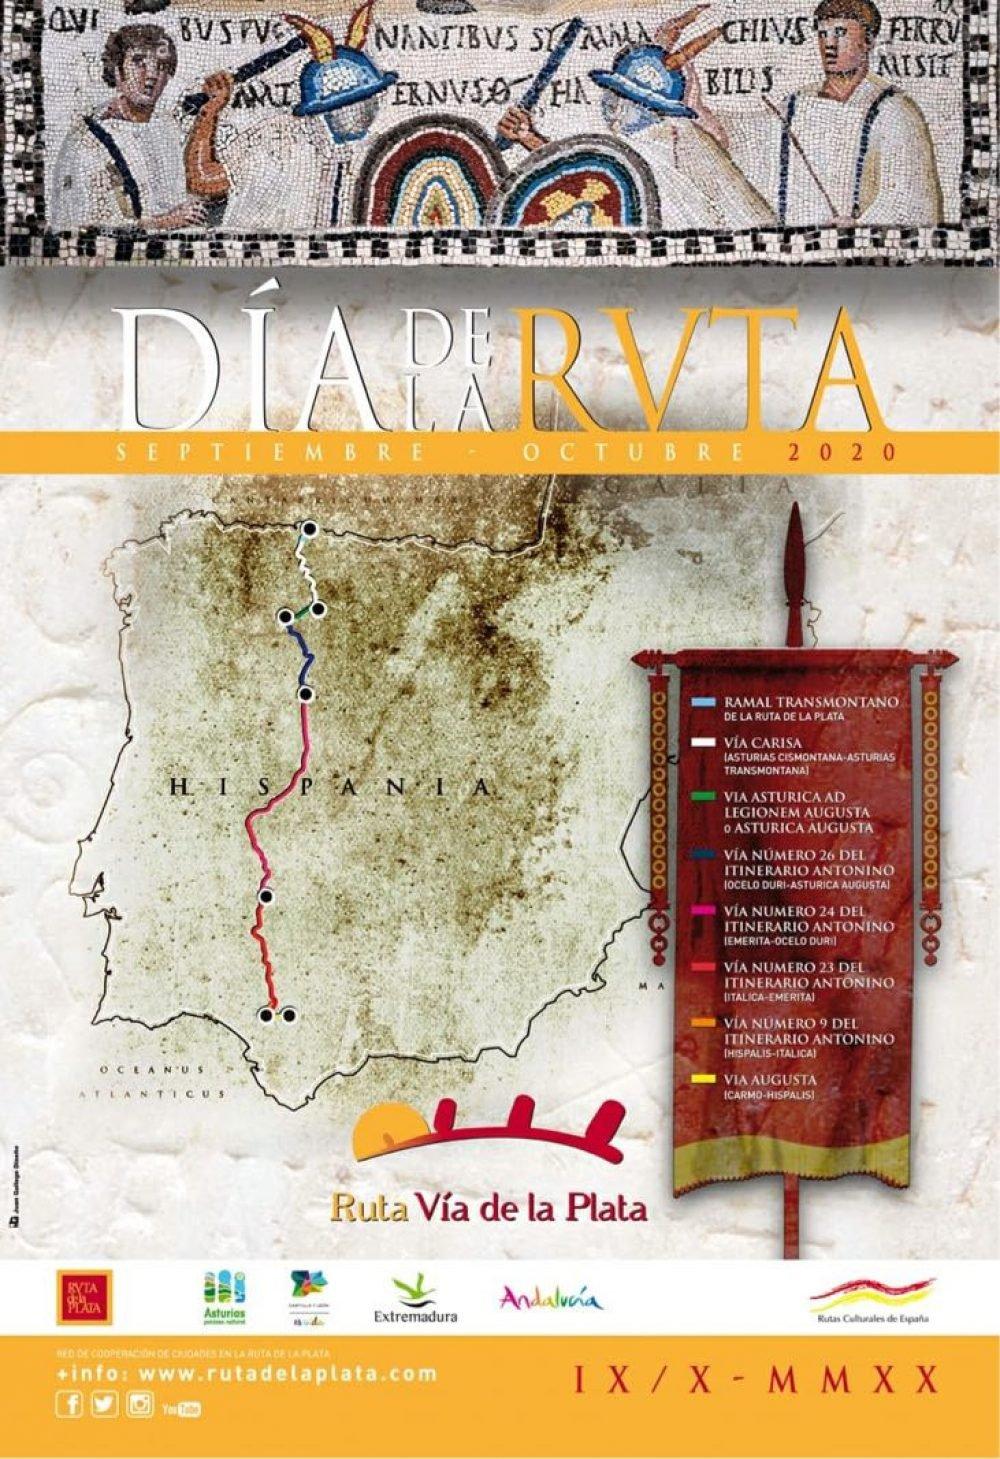 Visitas Guiadas 'Rutas de Leyendas y Misterios' (Día de la Ruta XXMM)